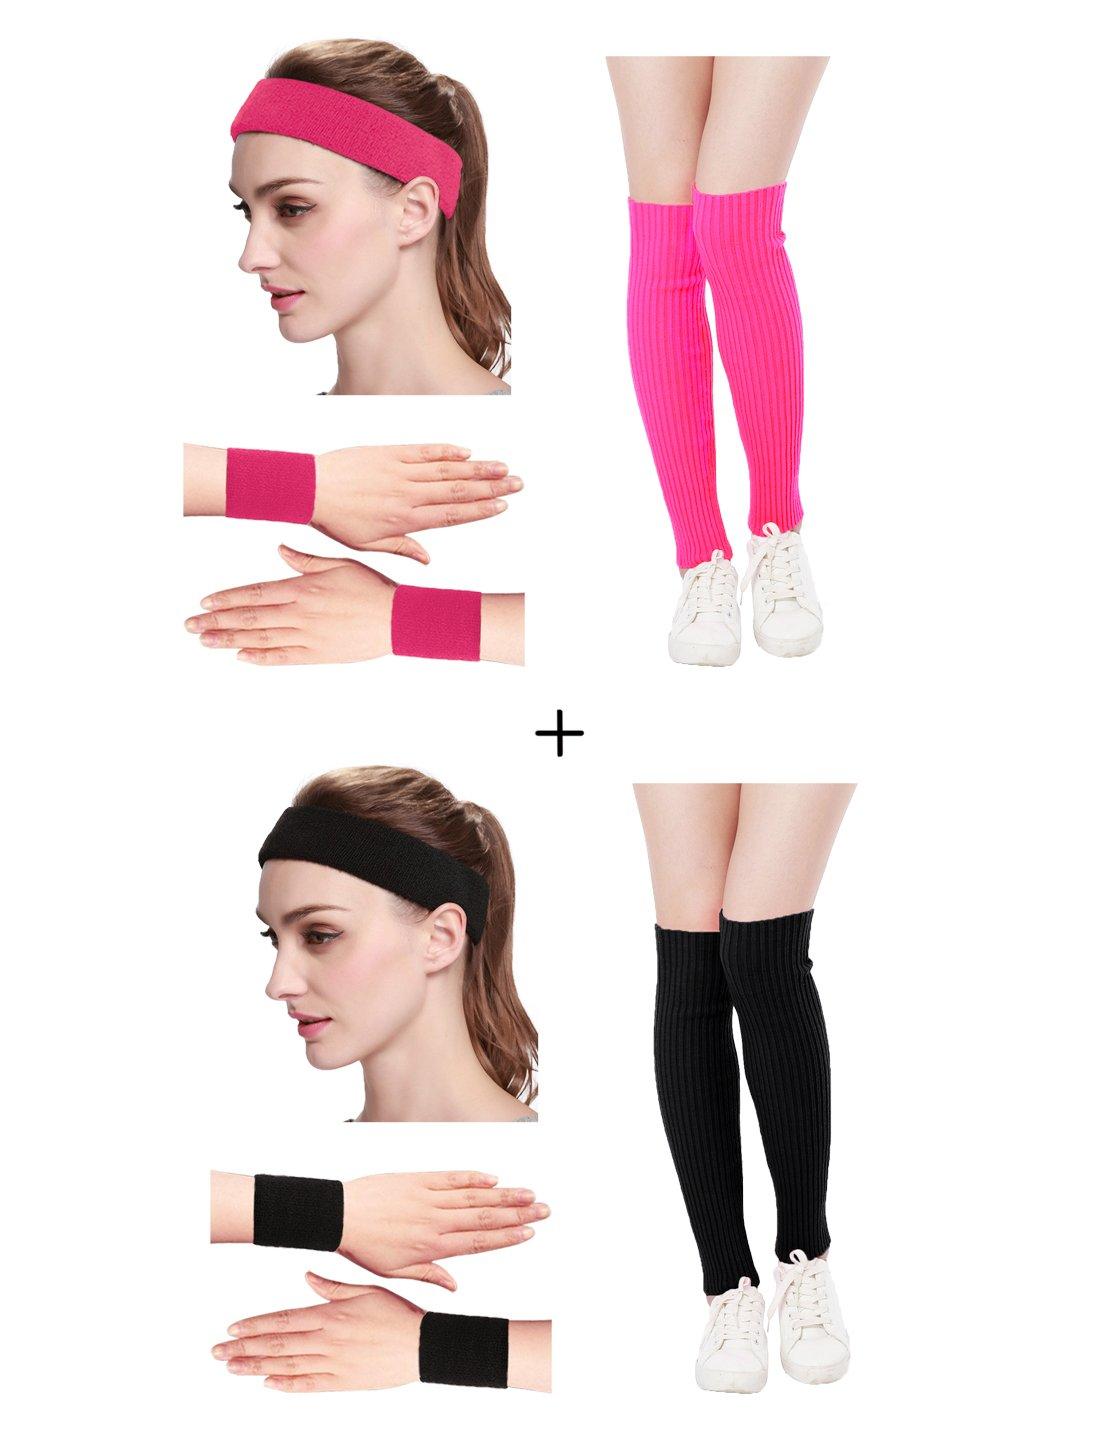 Kimberly's Knit Women 80s Neon Pink Running Headband Wristbands Leg Warmers Set (Free, zHotpink+Black)